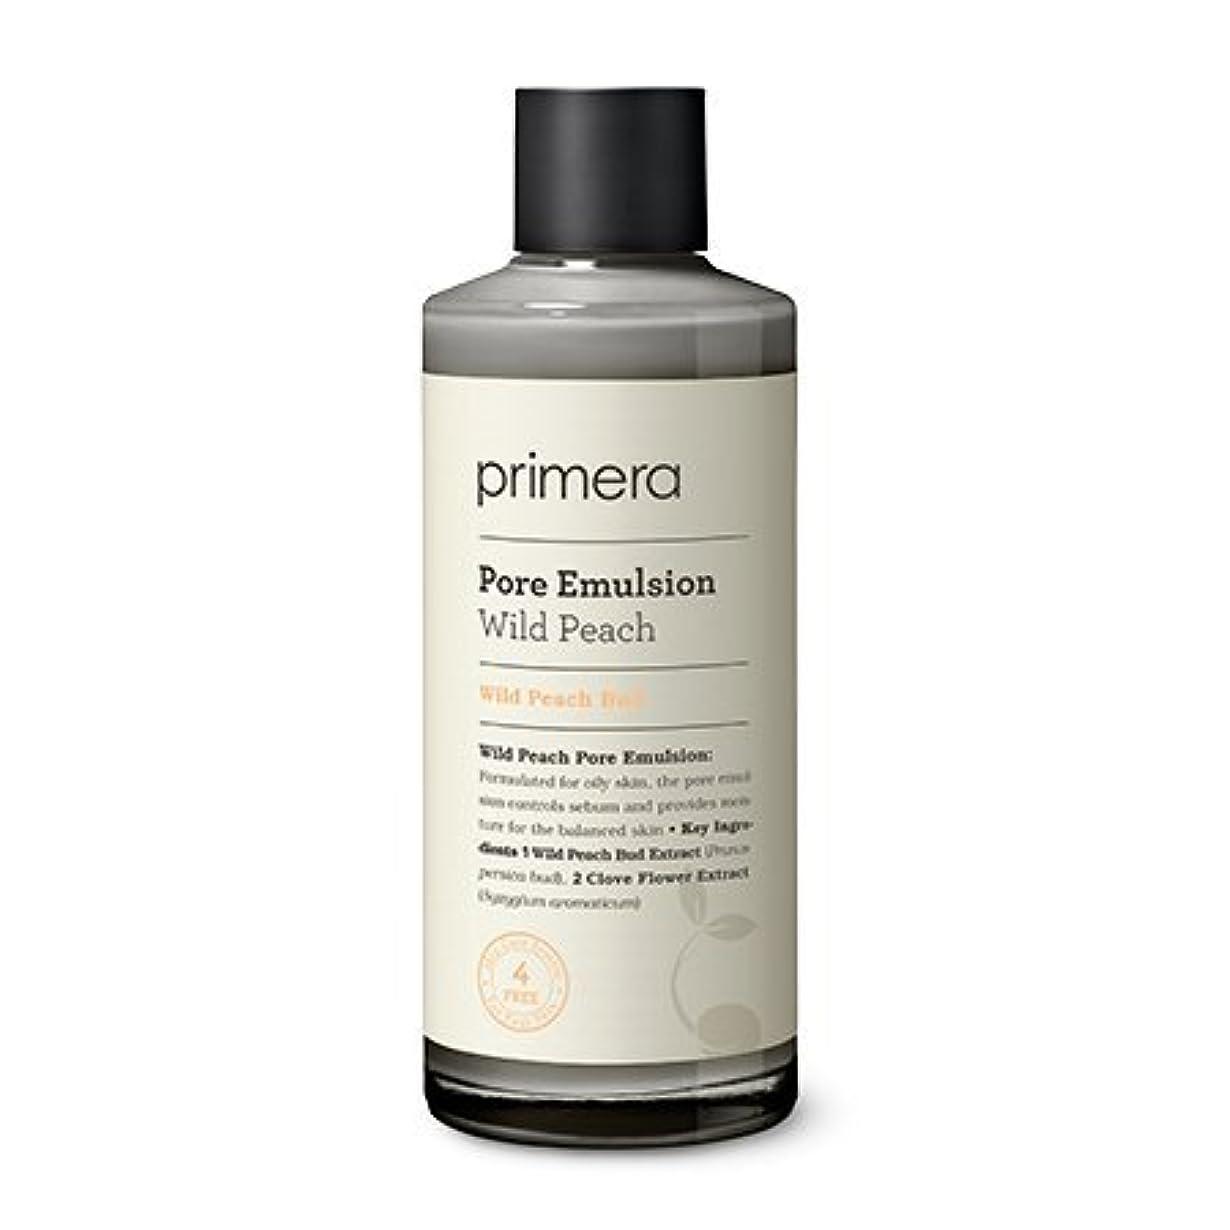 公爵夫人宙返りゆり【Primera】Wild Peach Pore Emulsion - 150ml (韓国直送品) (SHOPPINGINSTAGRAM)